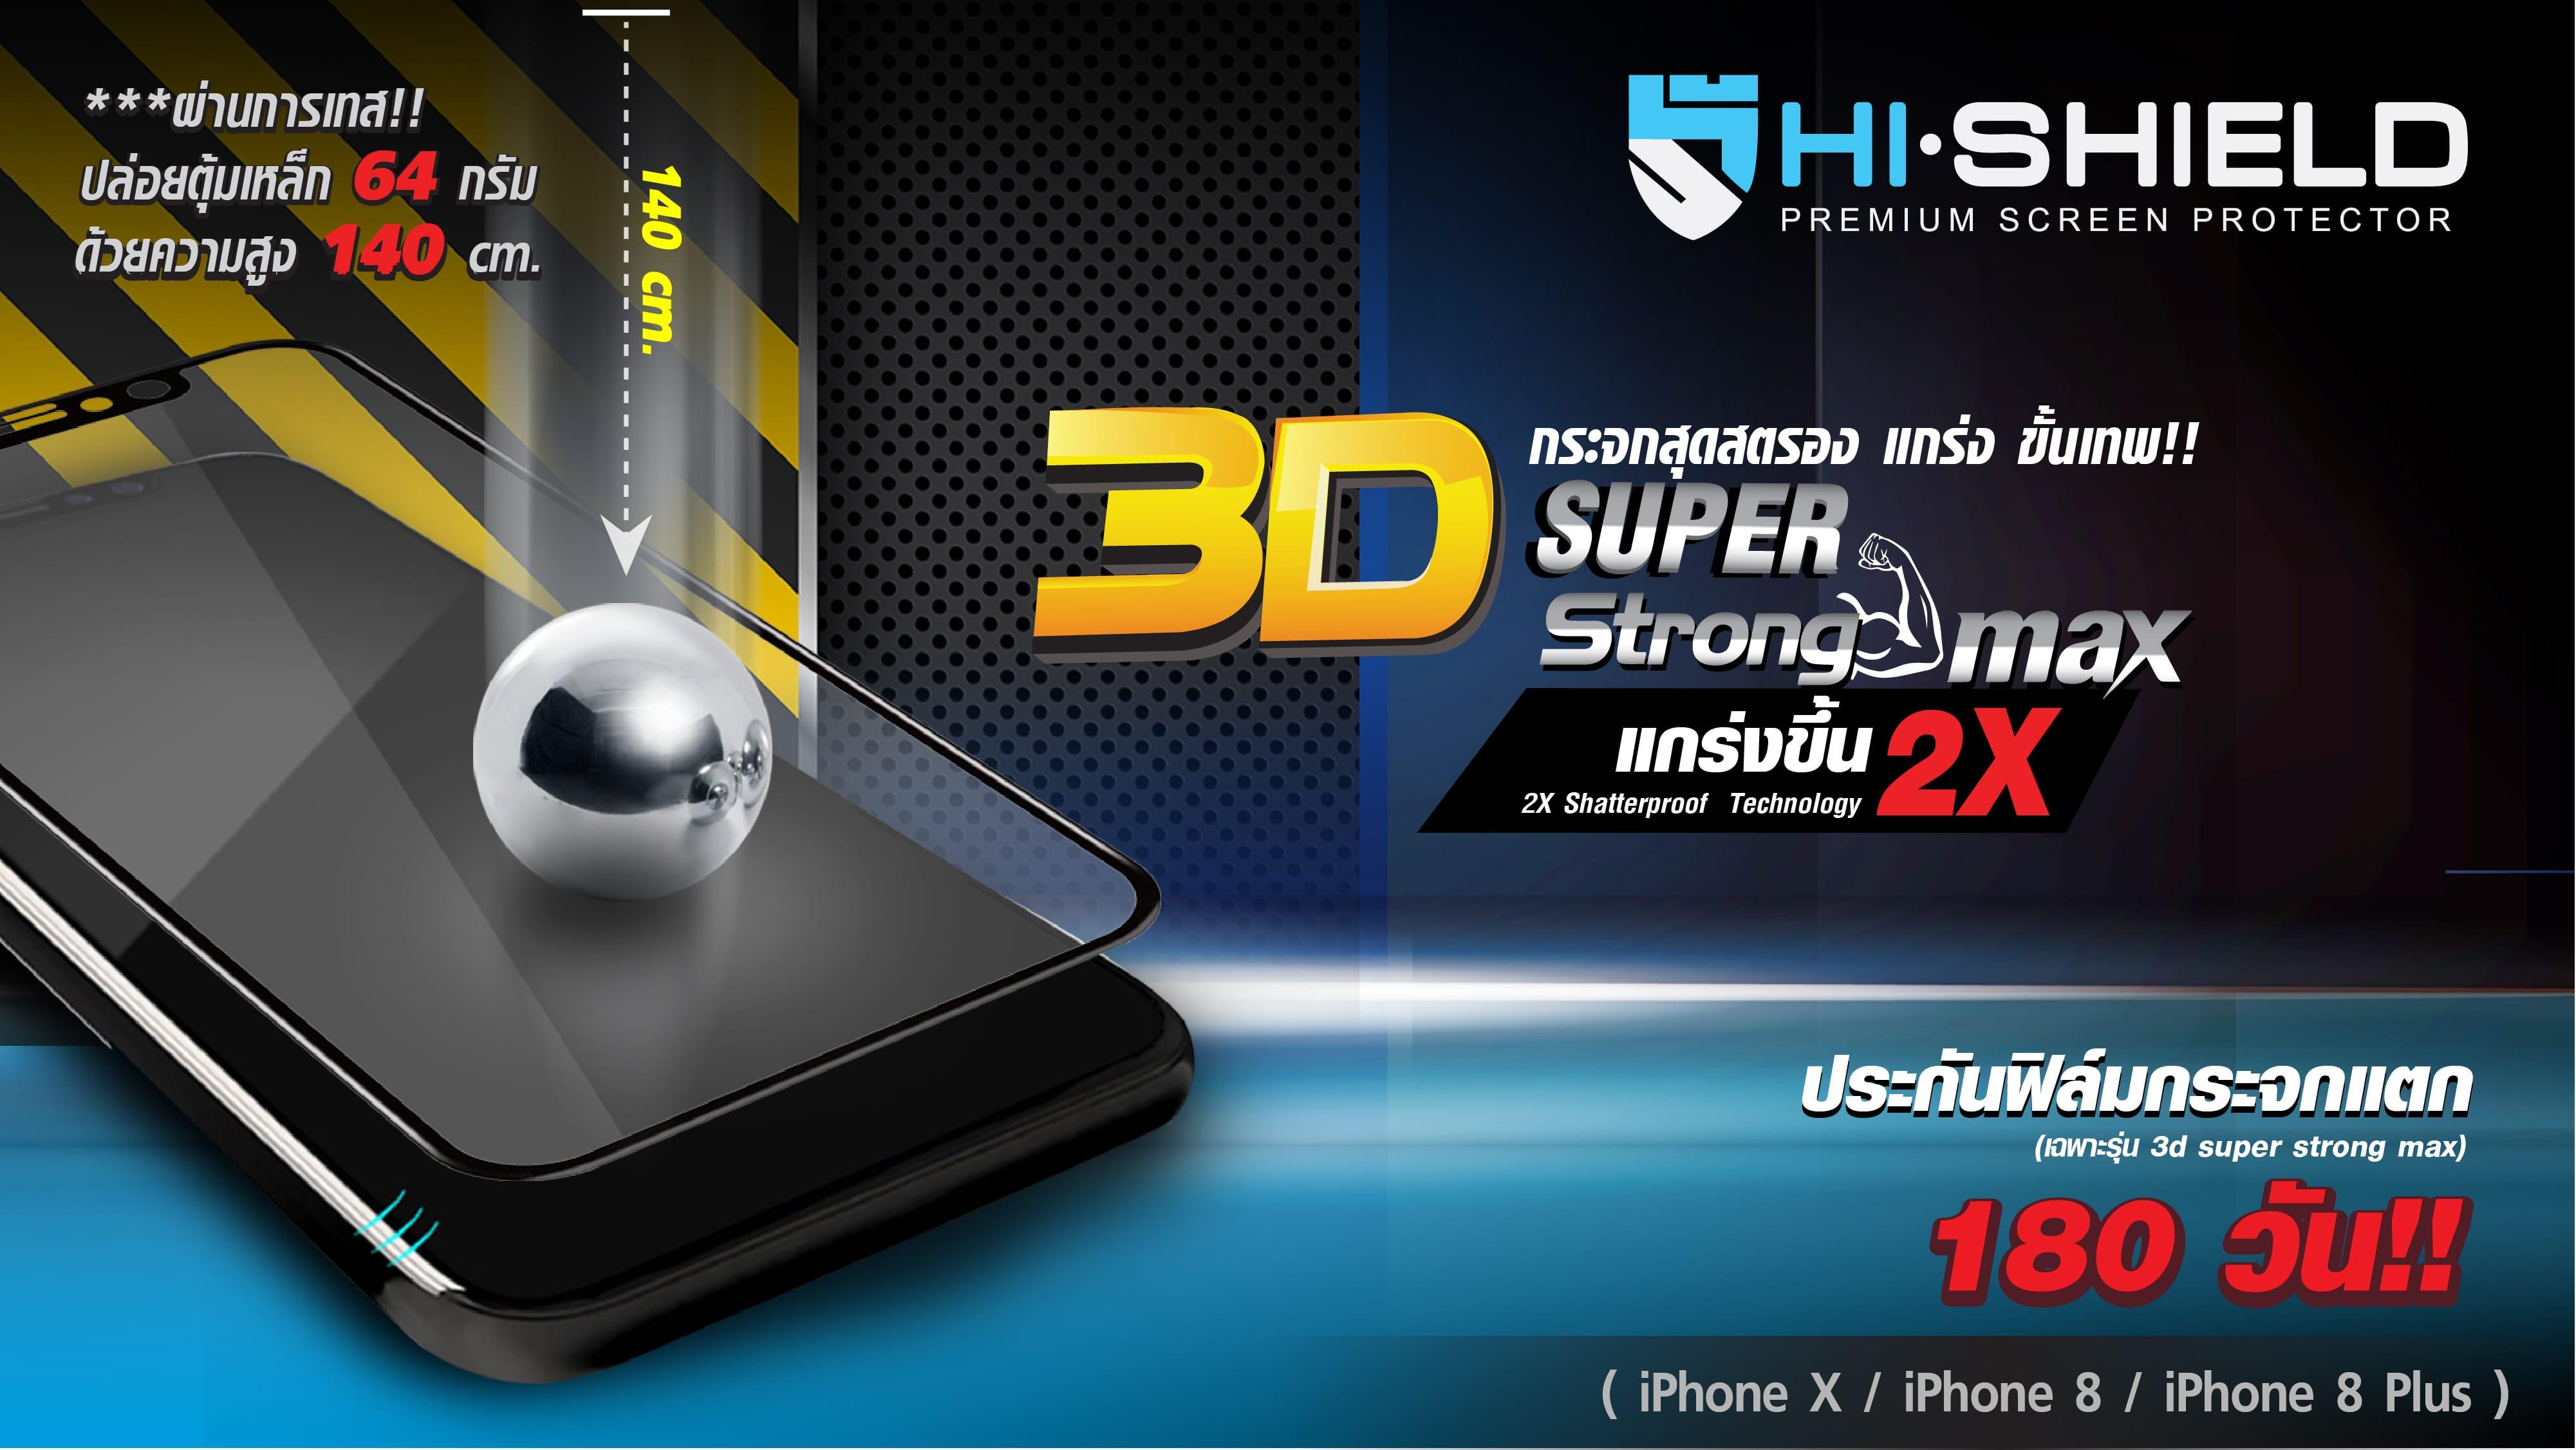 3d Super Strong Max Hi Shield